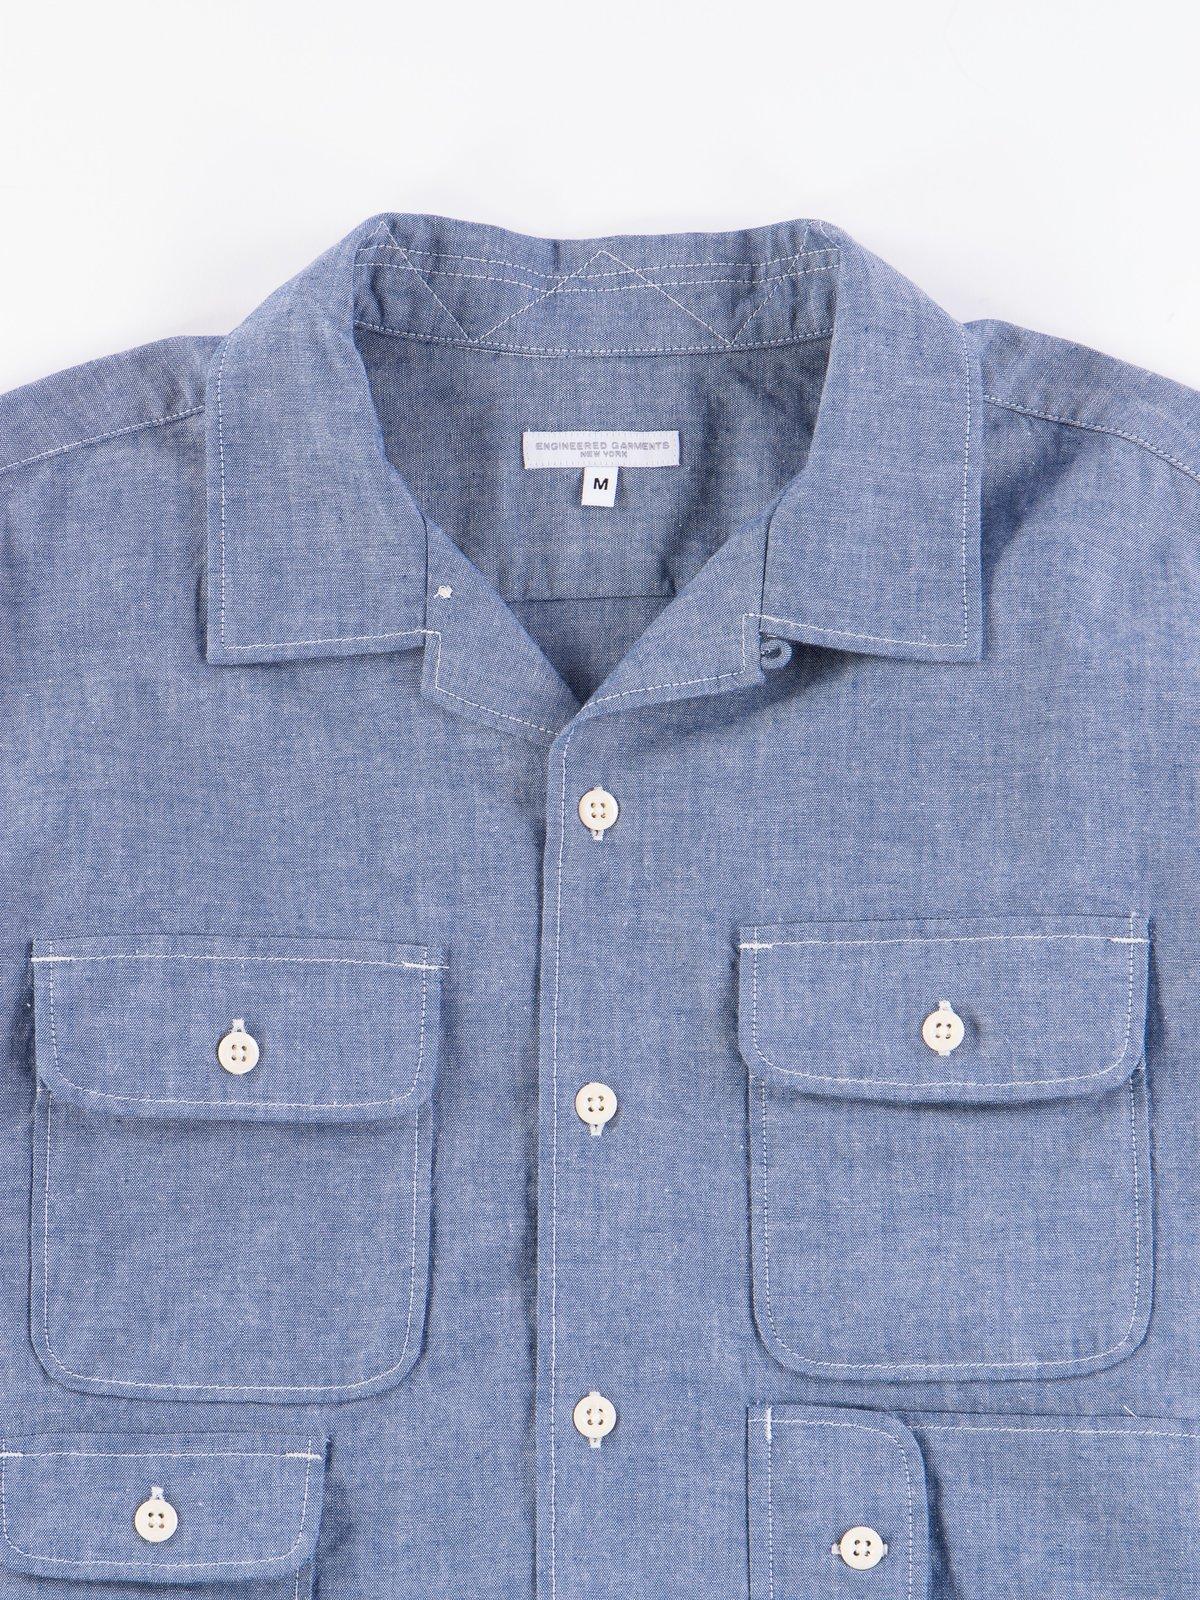 Blue Cotton Chambray Bowling Shirt - Image 4